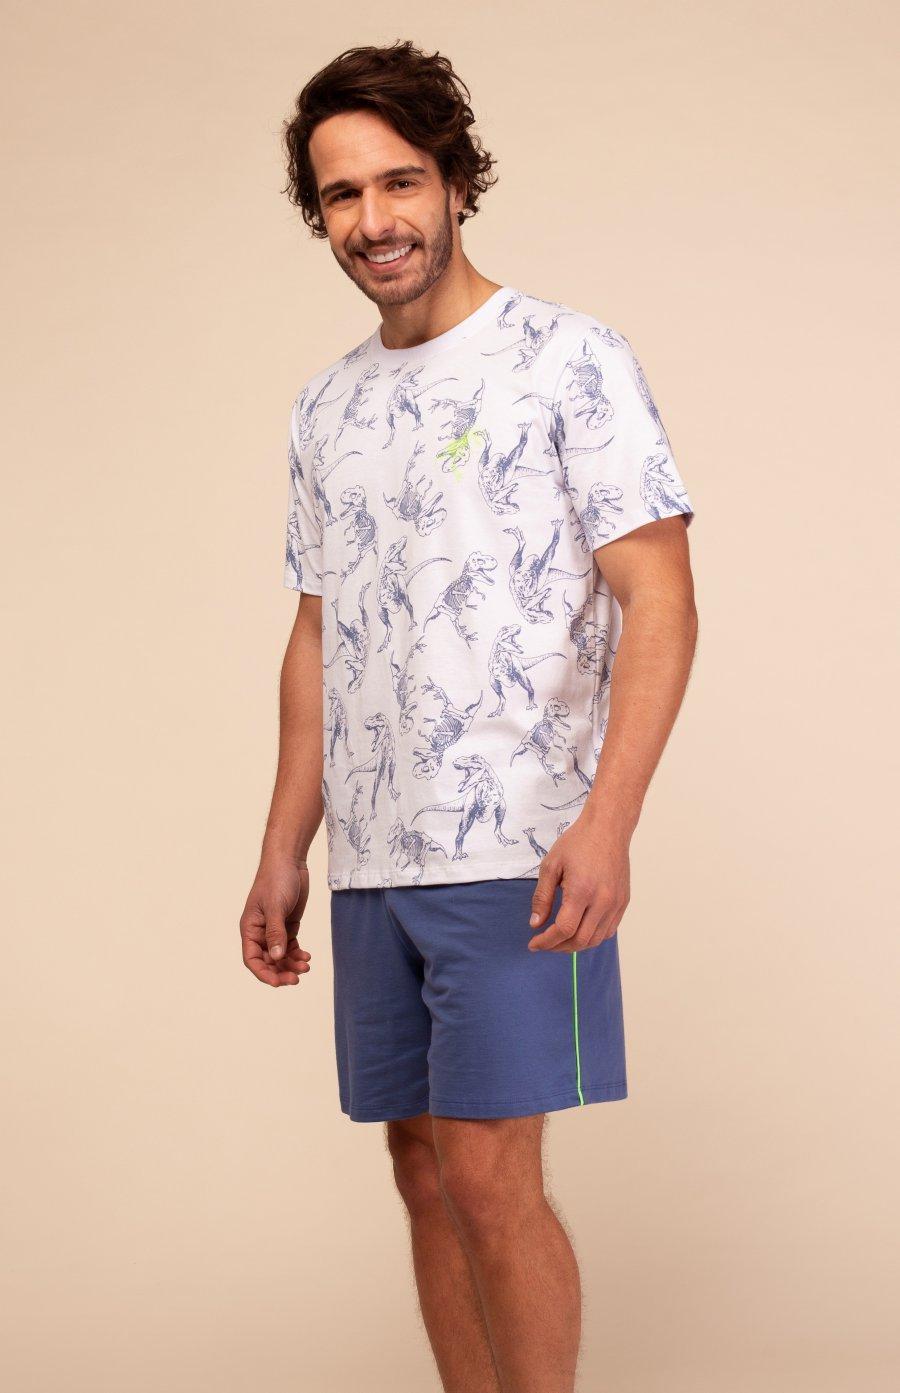 Pijama Teen 100% Algodão Dinossauro Happy Moments Verão